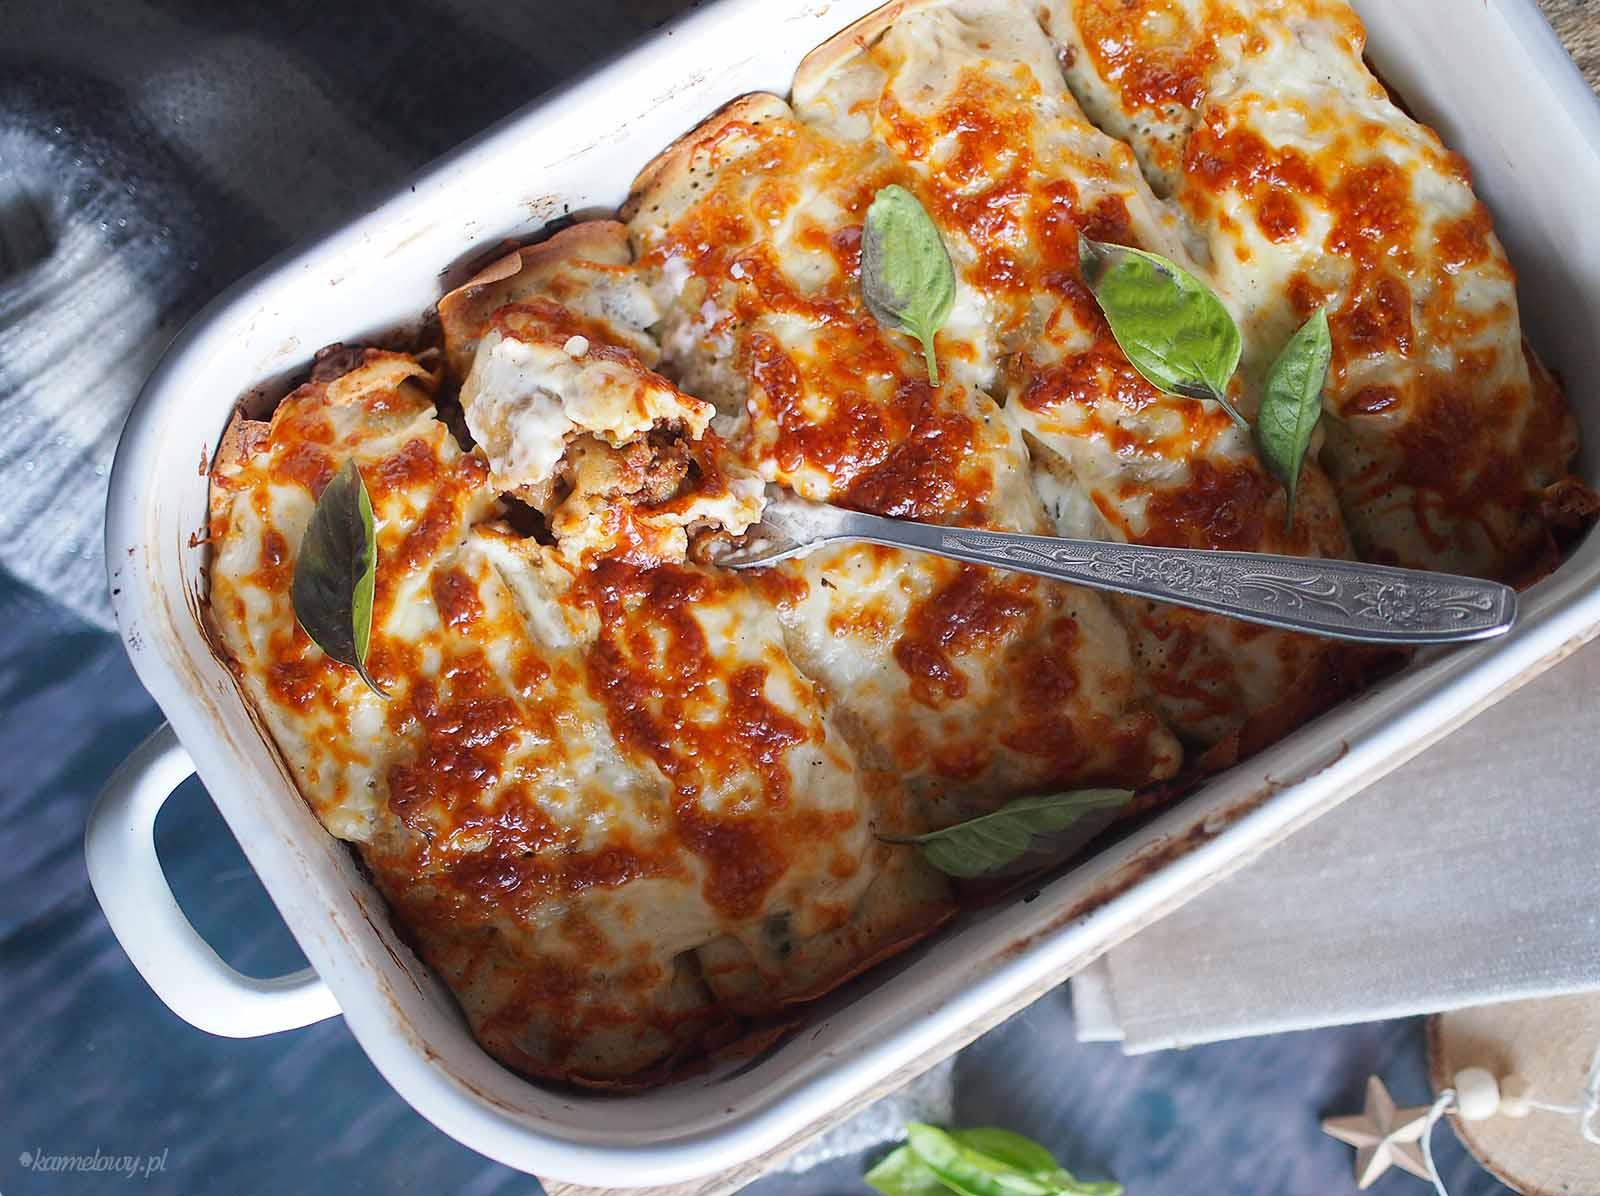 Nalesniki-po-bolonsku-pod-beszamelem-Crepes-bolognese-with-bechamel-sauce